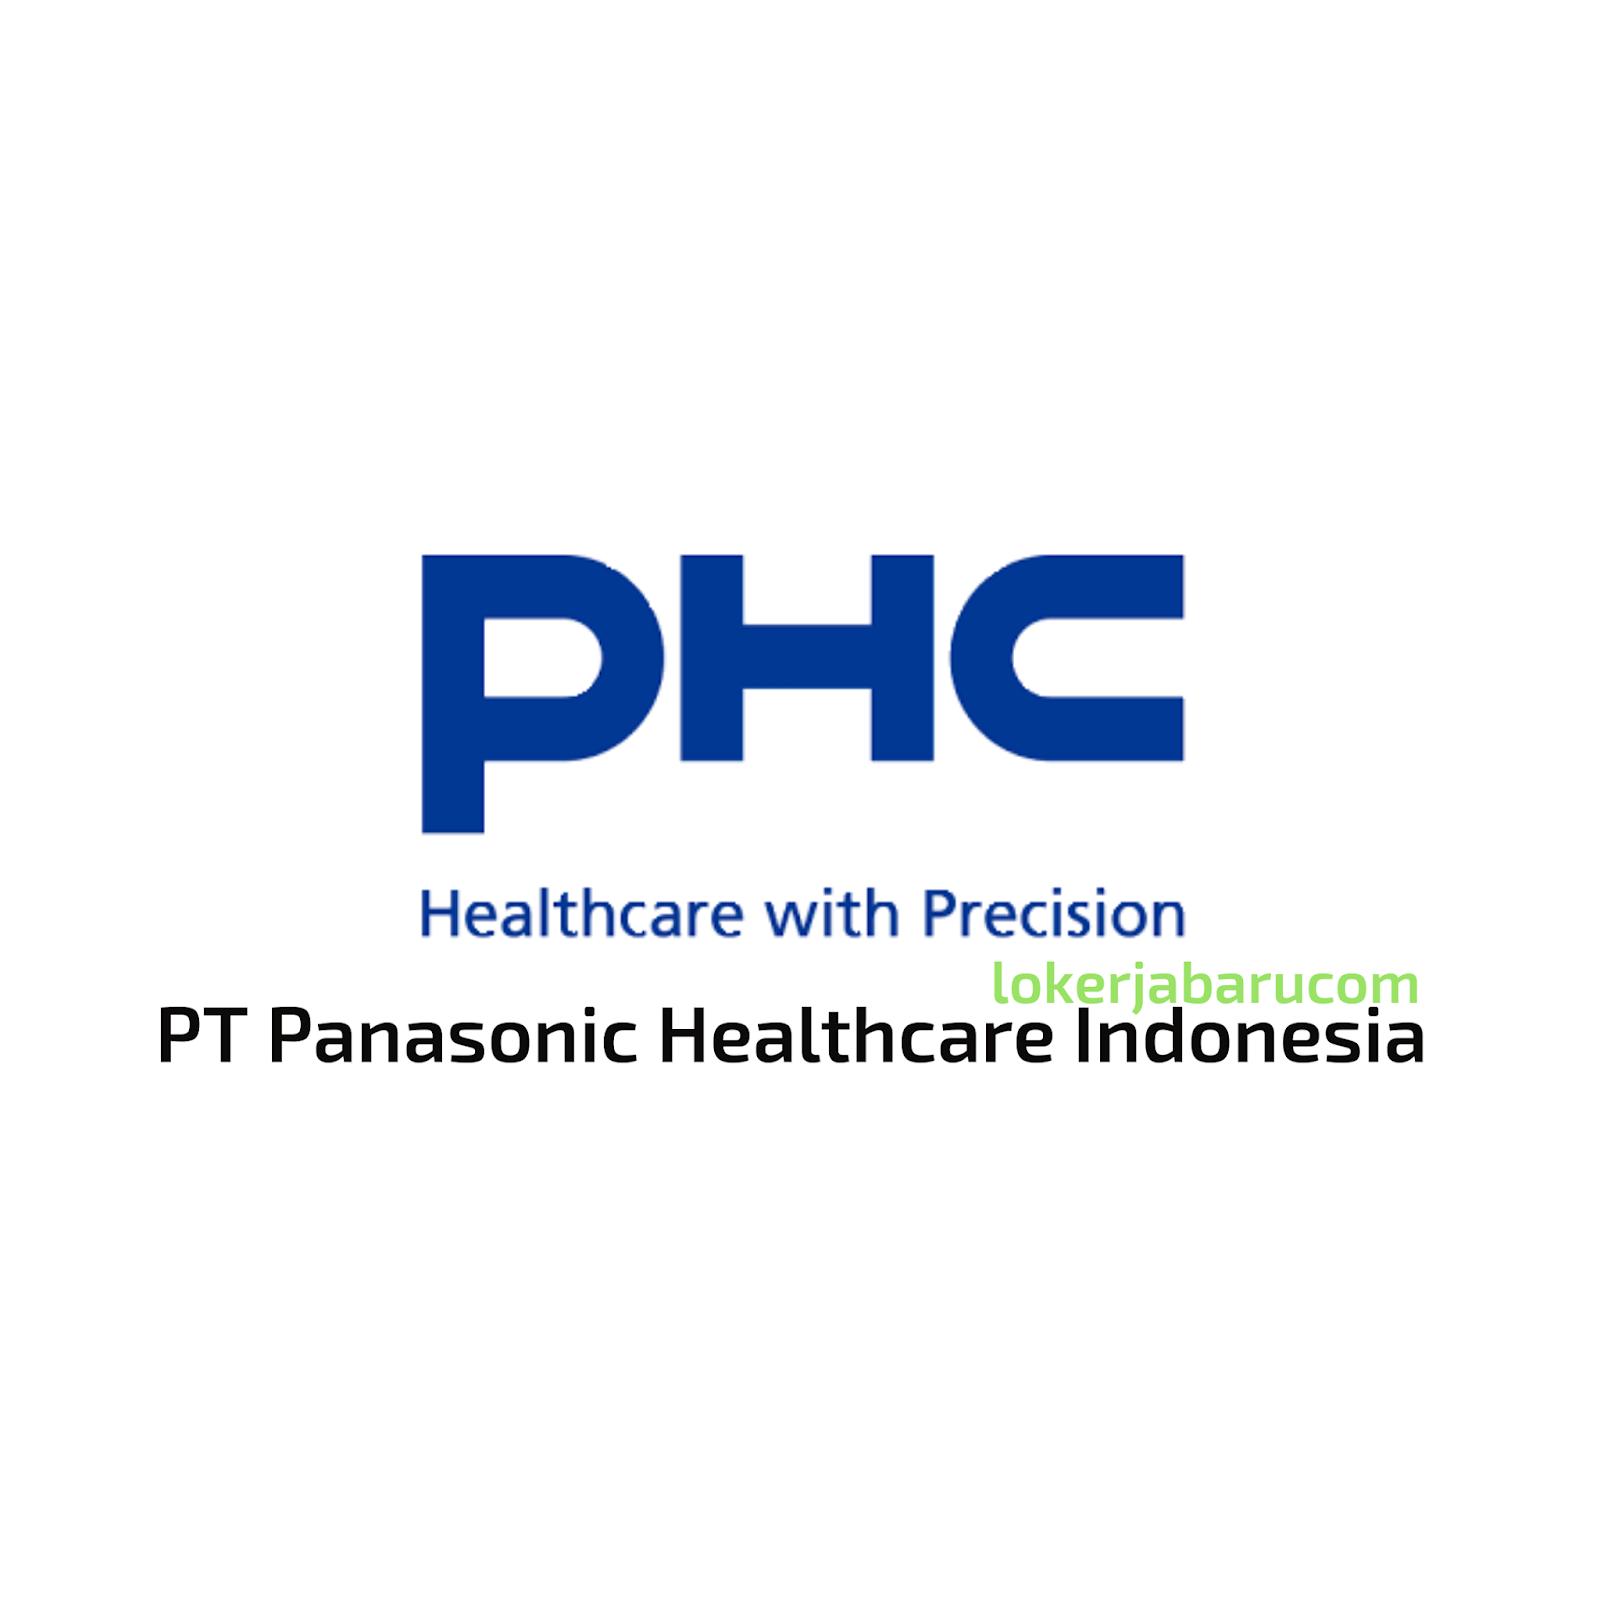 Lowongan Kerja Pt Panasonic Healthcare Indonesia Phc Lokerjabaru Com